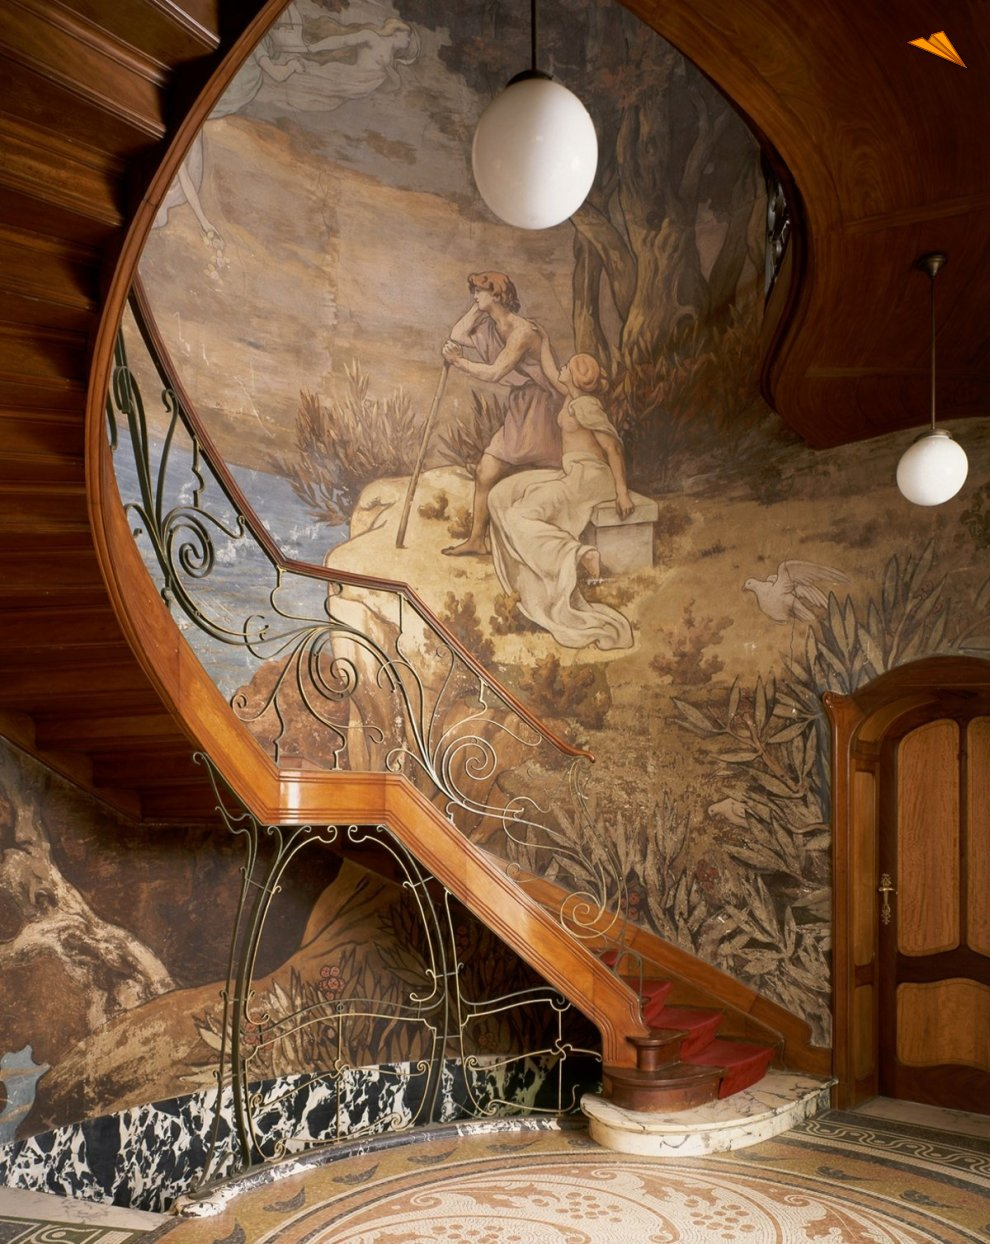 Hotel hannon fotos de viajes c paul louis for Arredamento art nouveau